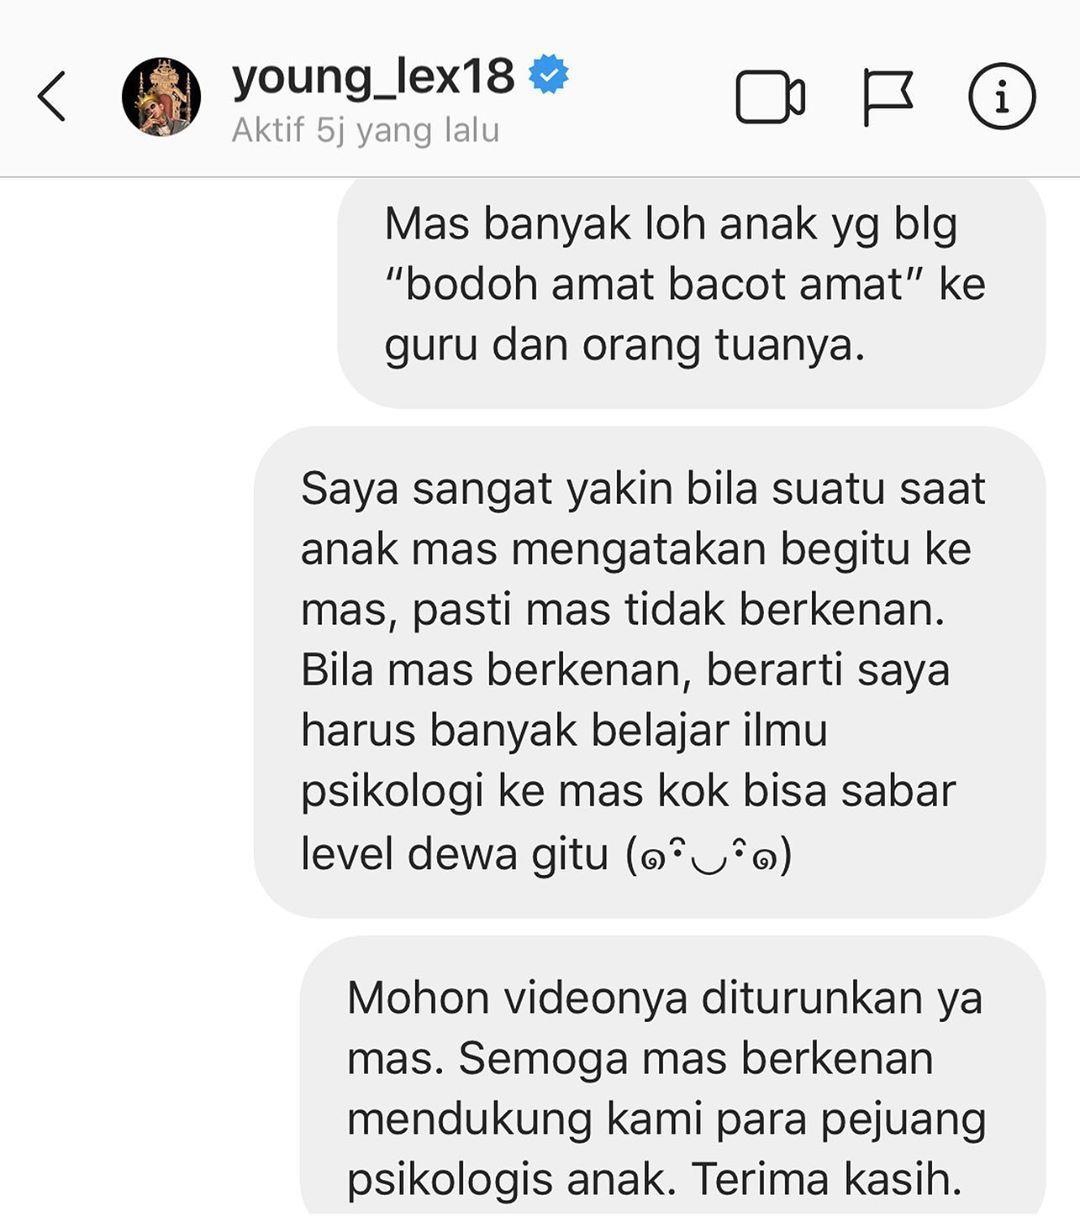 Lagunya Dianggap Toxic, Young Lex Dilaporkan ke Kominfo